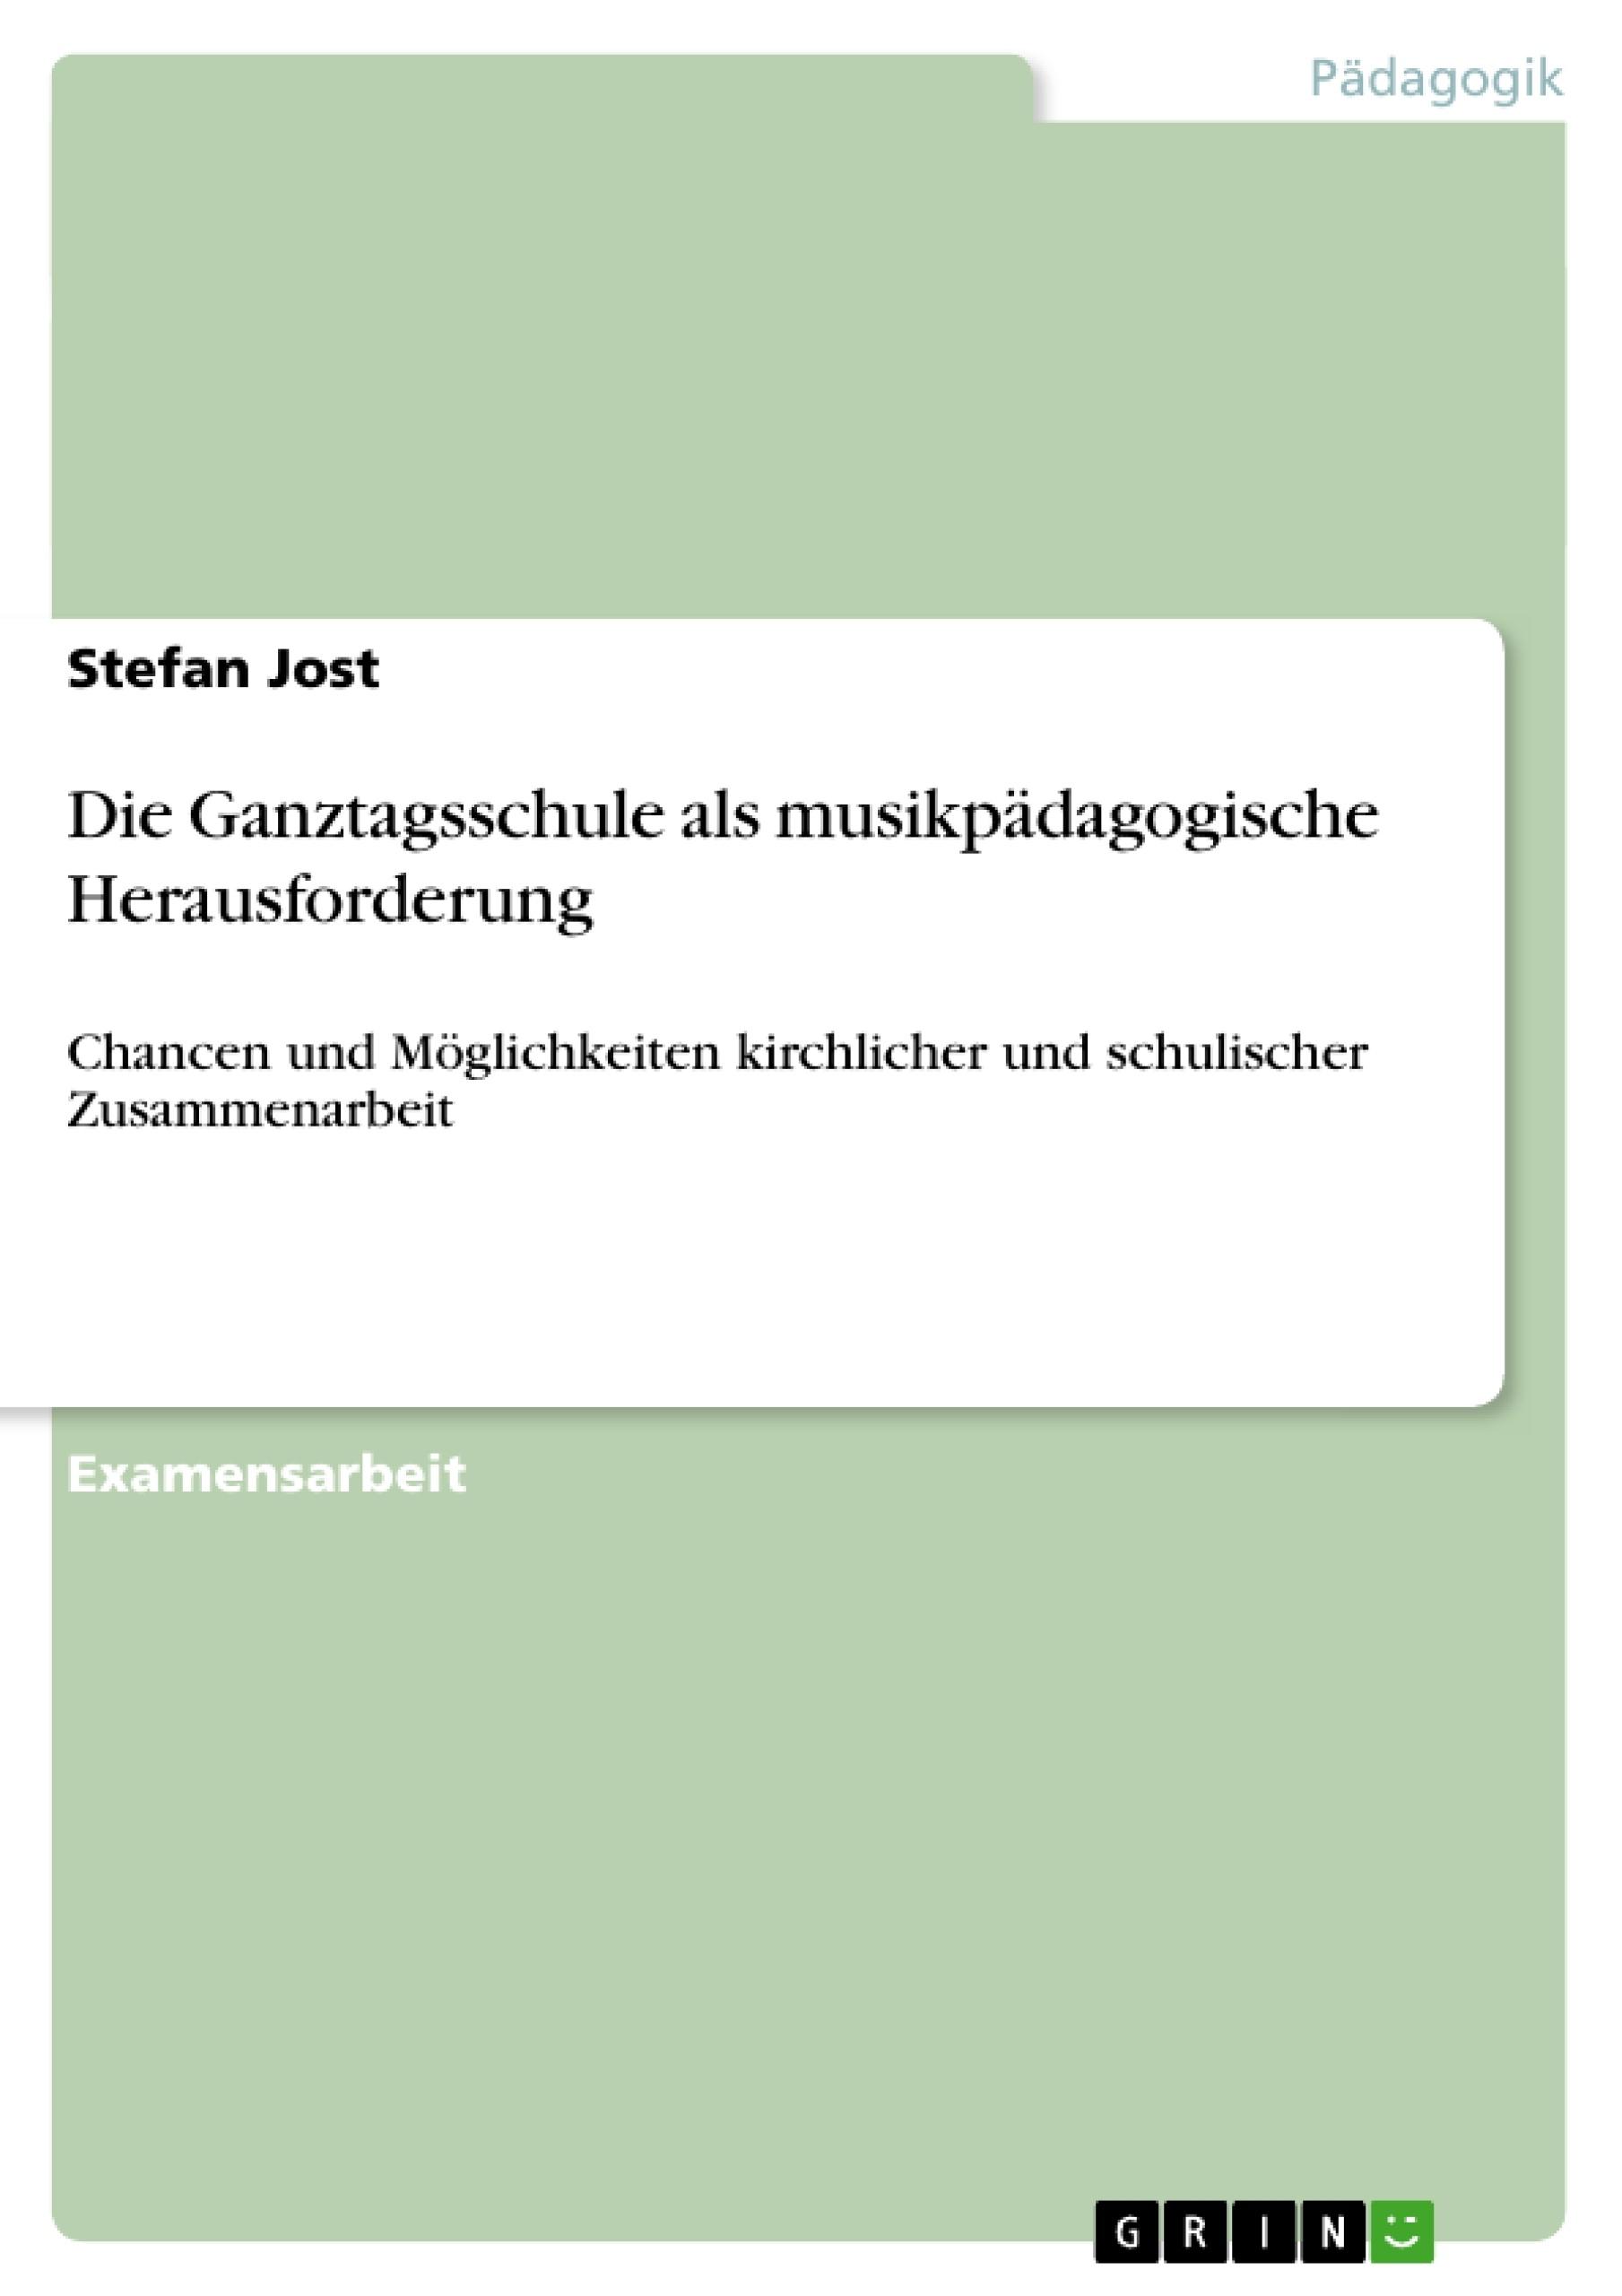 Titel: Die Ganztagsschule als musikpädagogische Herausforderung